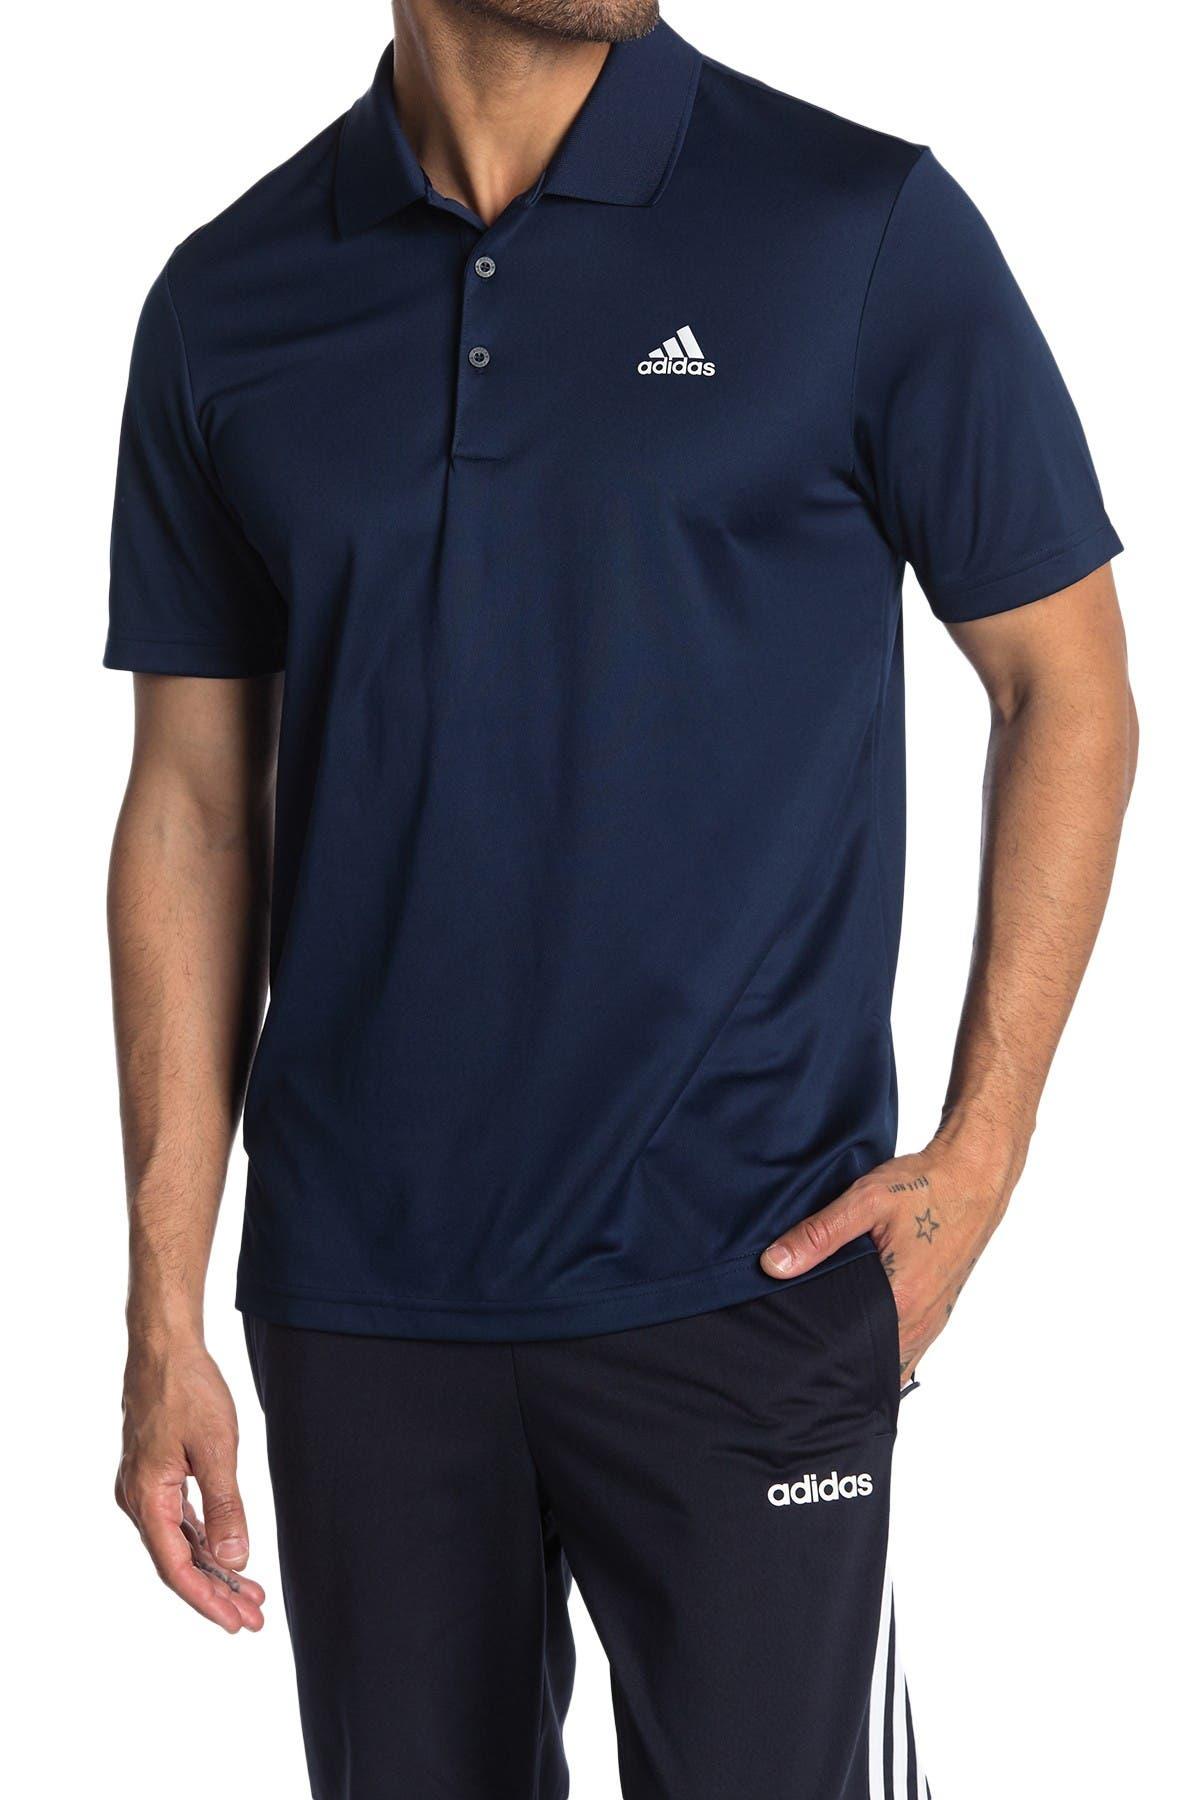 Image of Adidas Golf Performance LC Polo Shirt